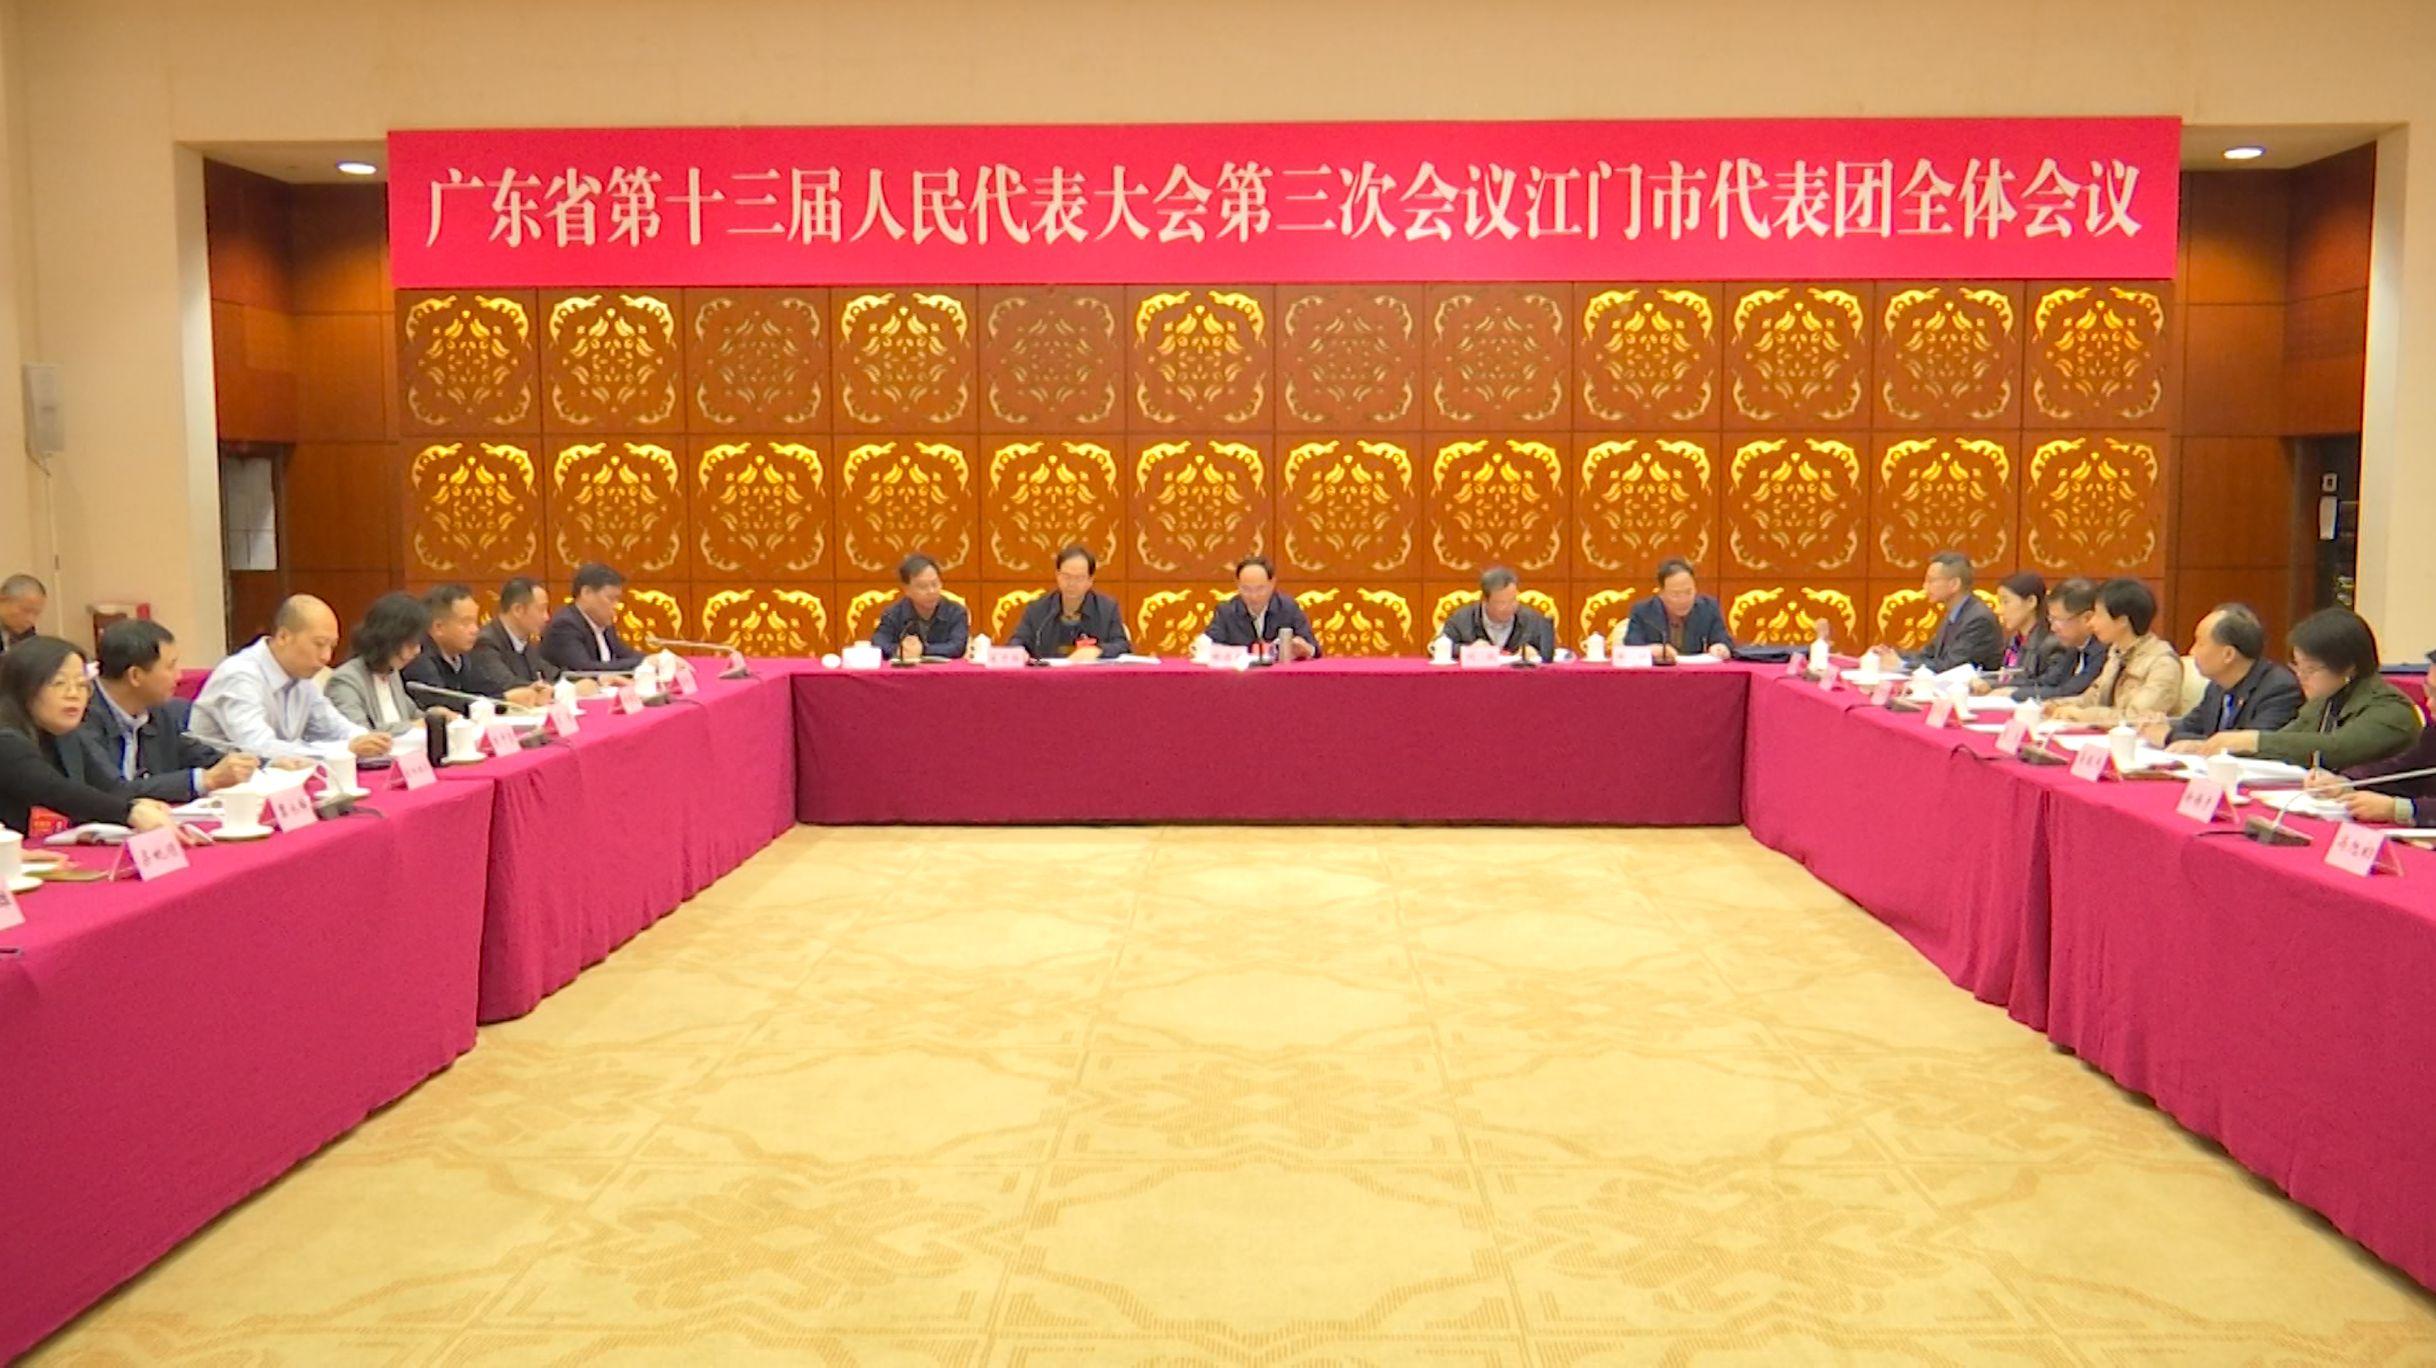 廣東省十三屆人大三次會議明天開幕 林應武被推選為江門代表團團長